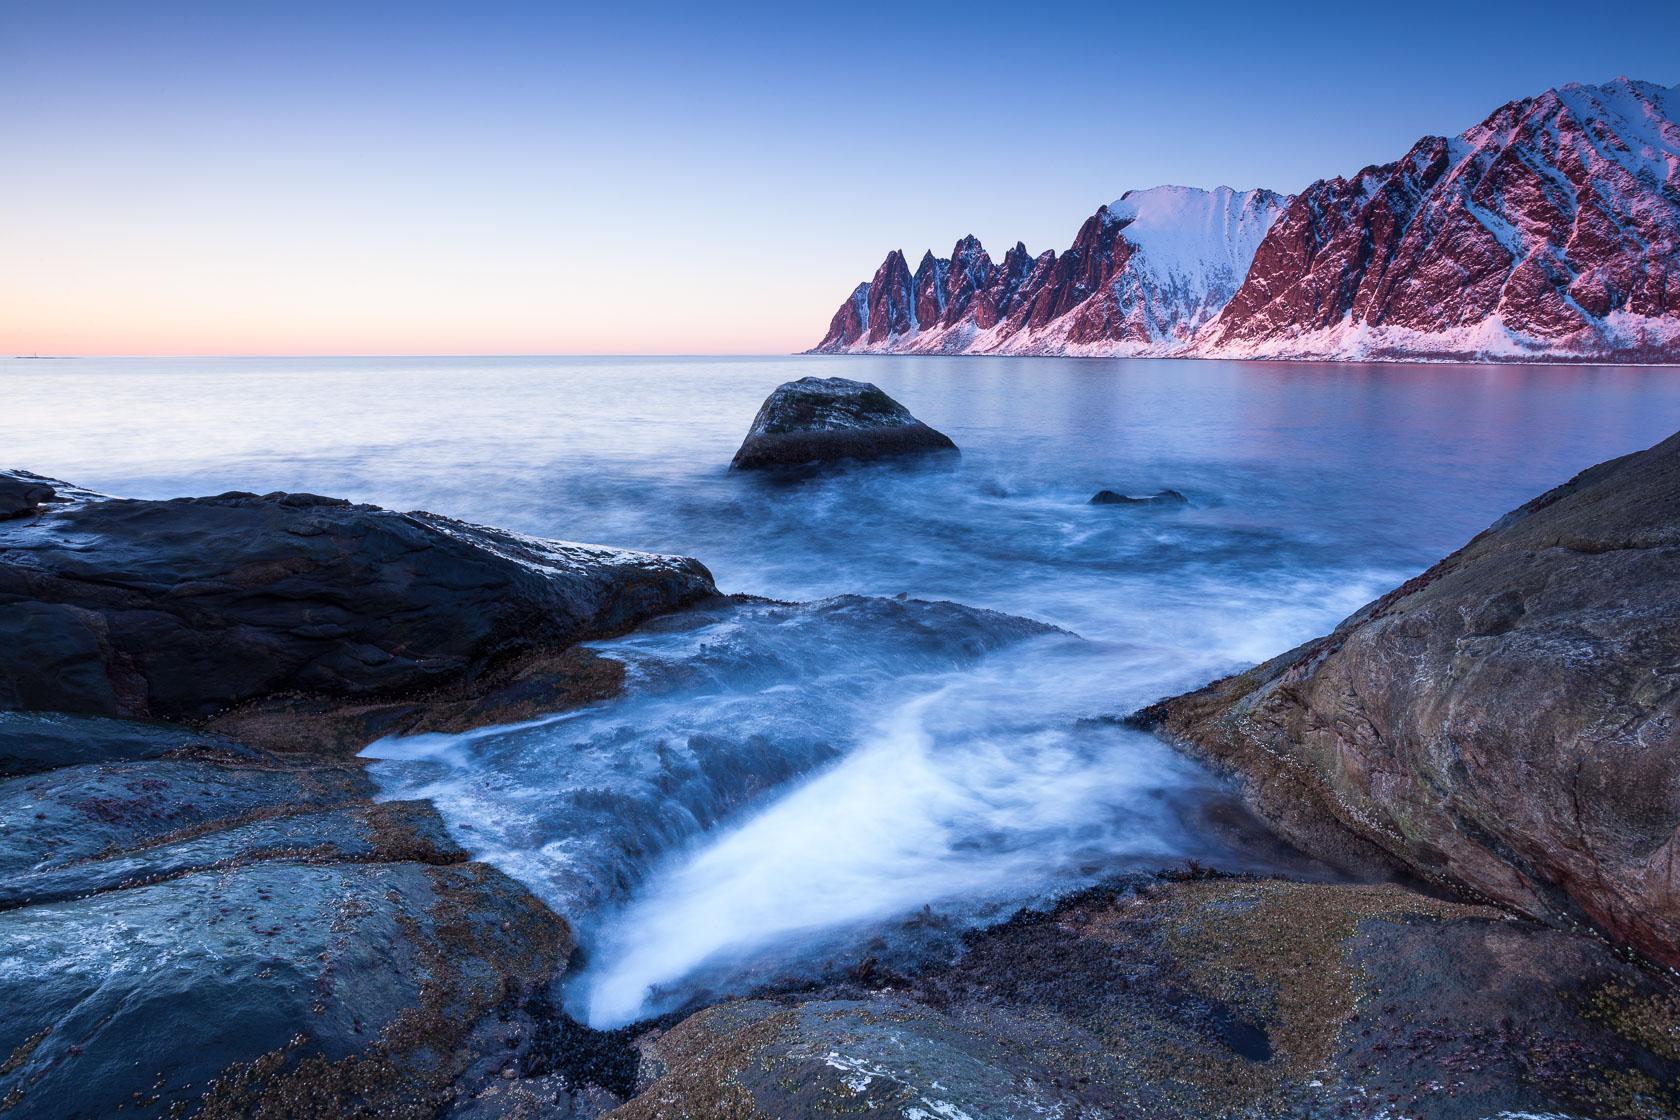 crépuscule sur les dents d'Oksen, dans l'Ersfjord, à Senja